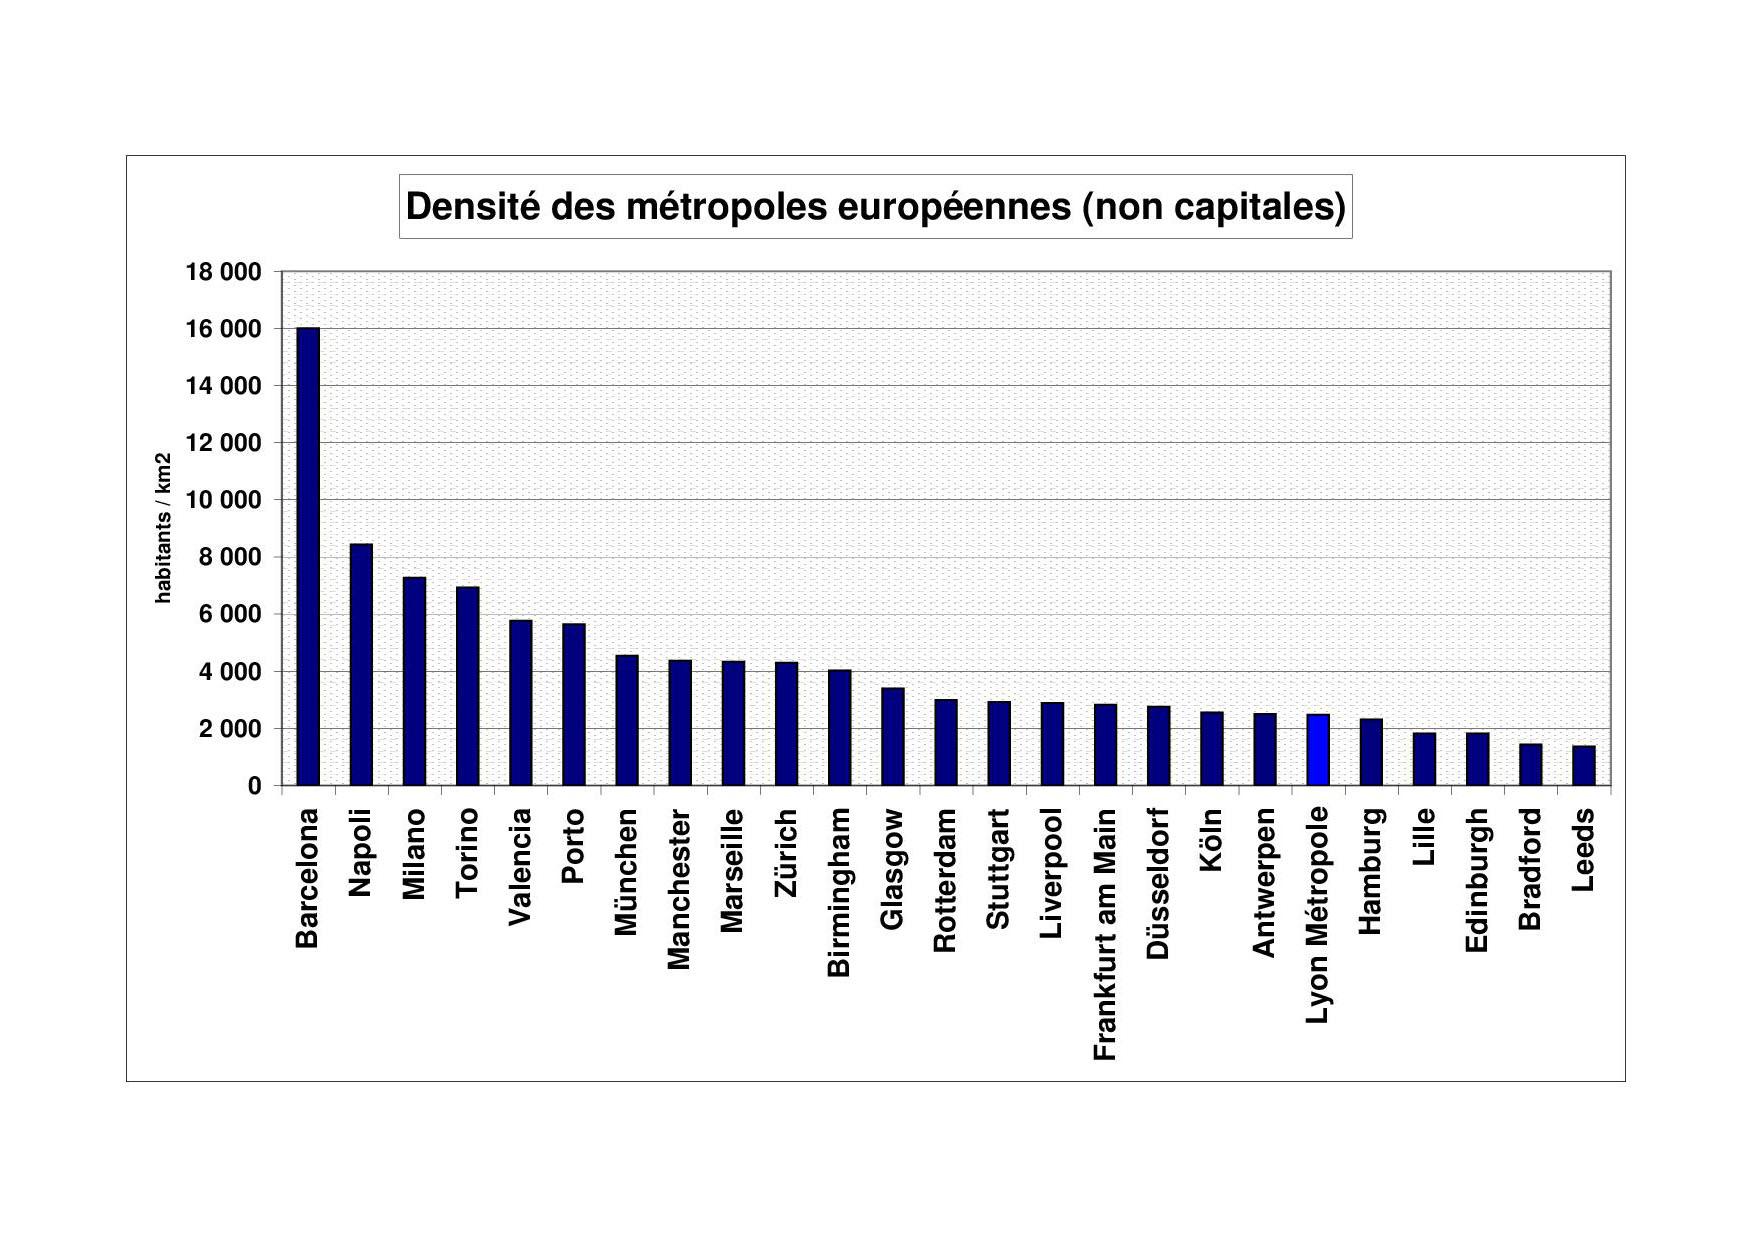 Densité comparée des métropoles européennes